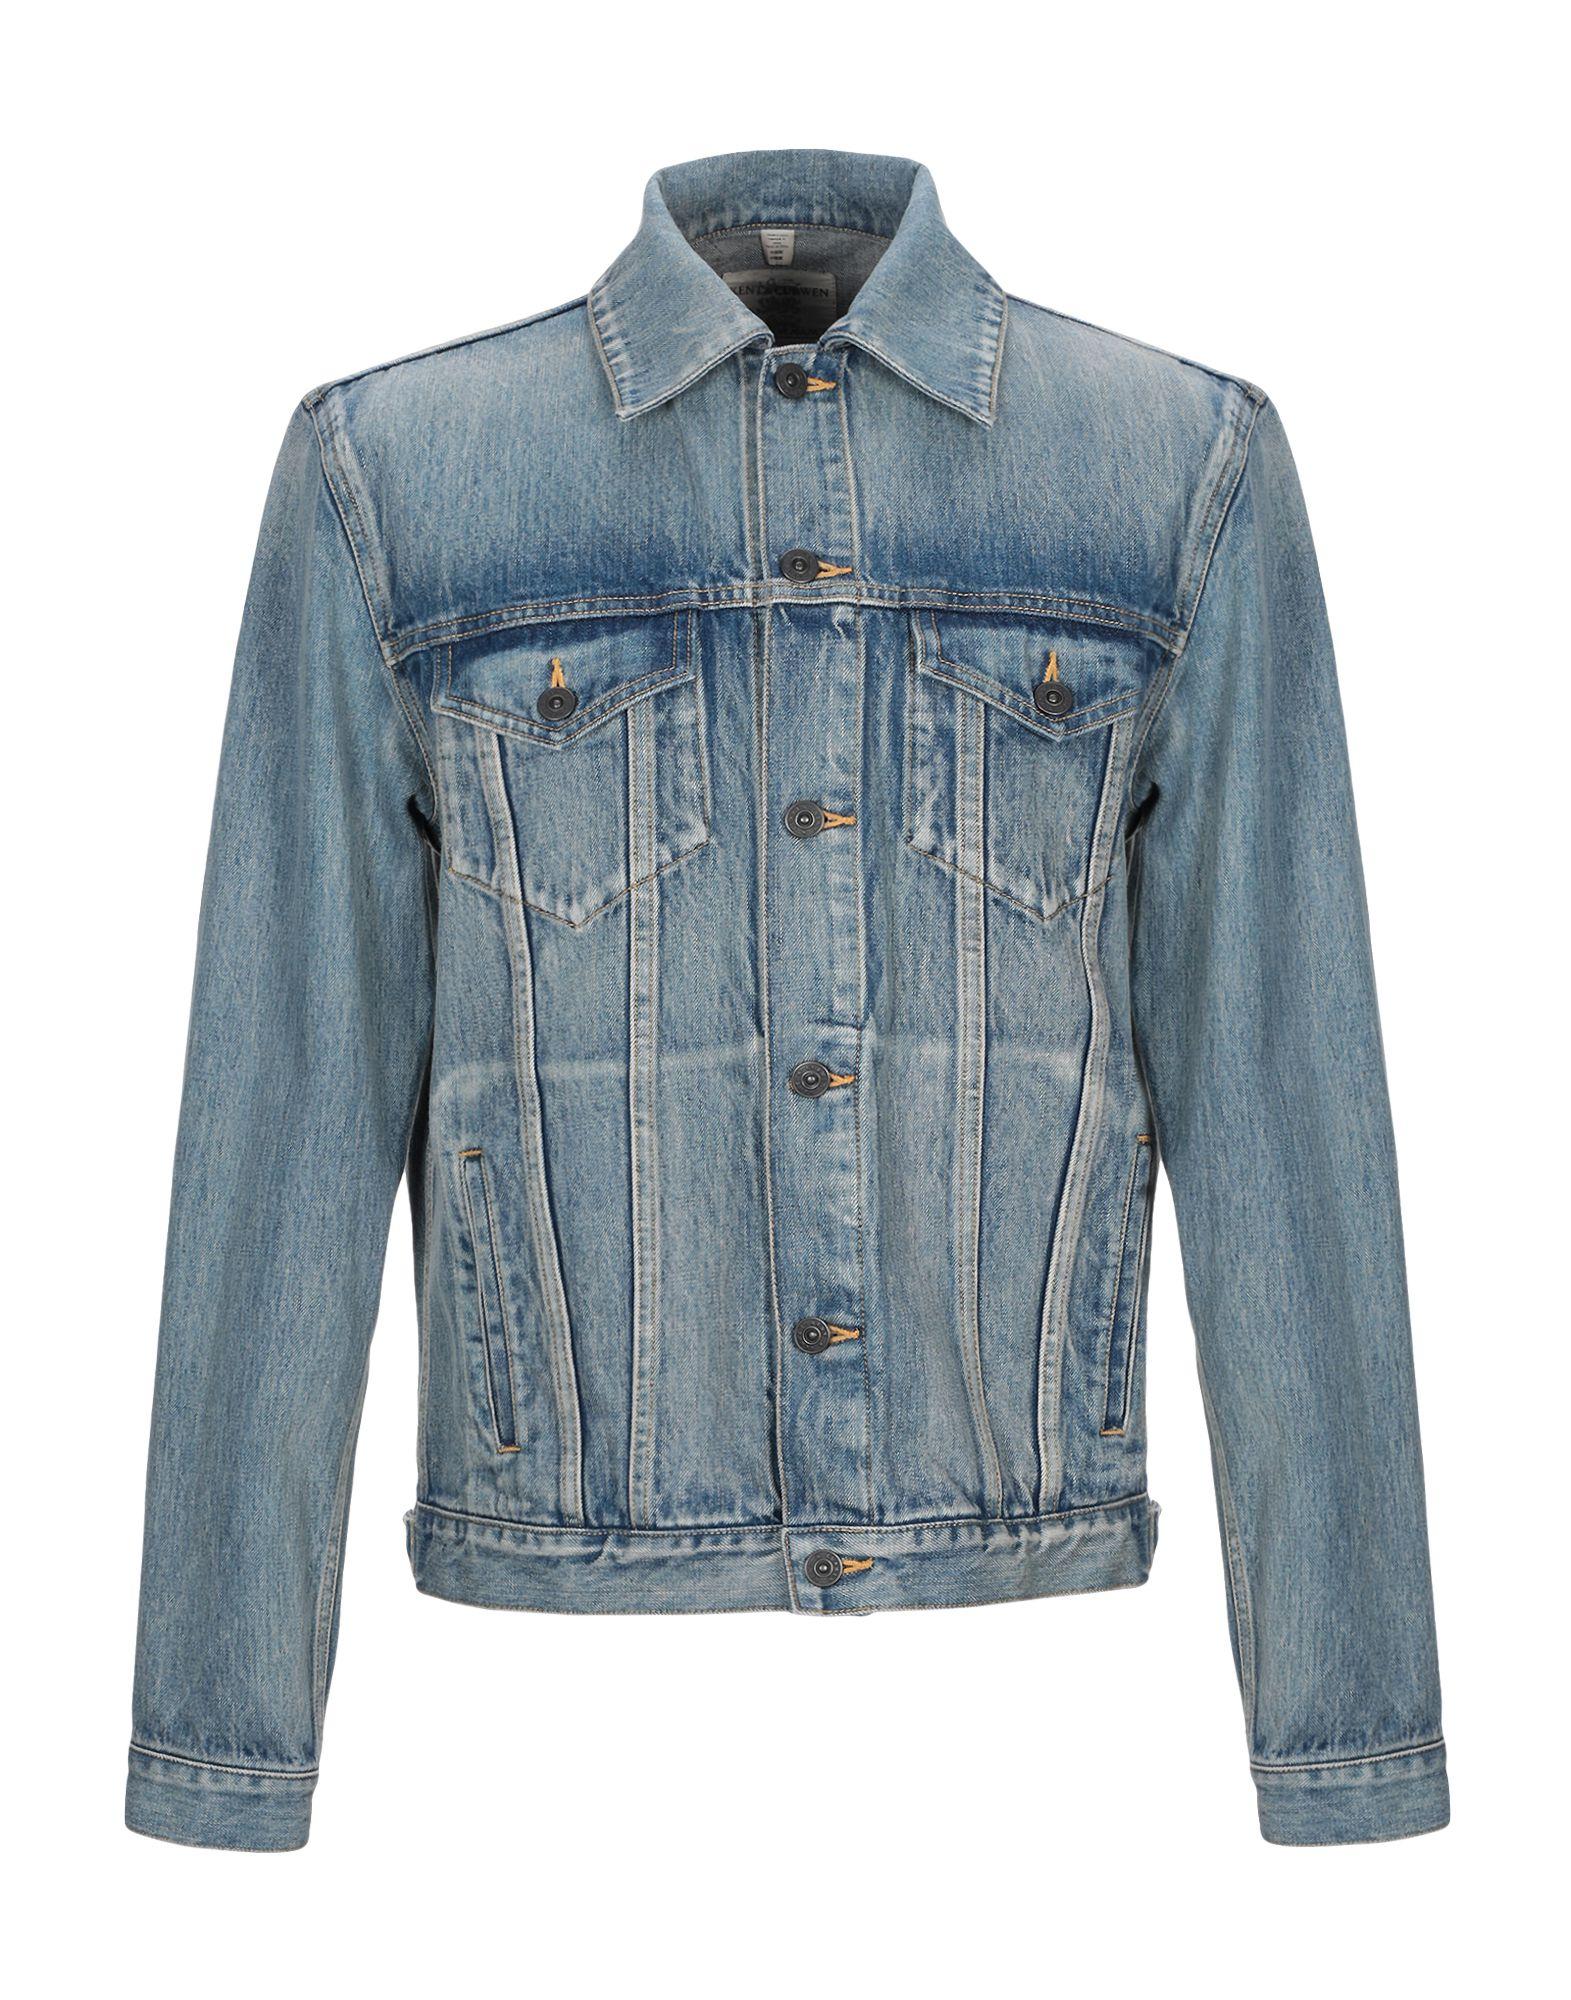 《期間限定セール中》KENT & CURWEN メンズ デニムアウター ブルー L コットン 100%